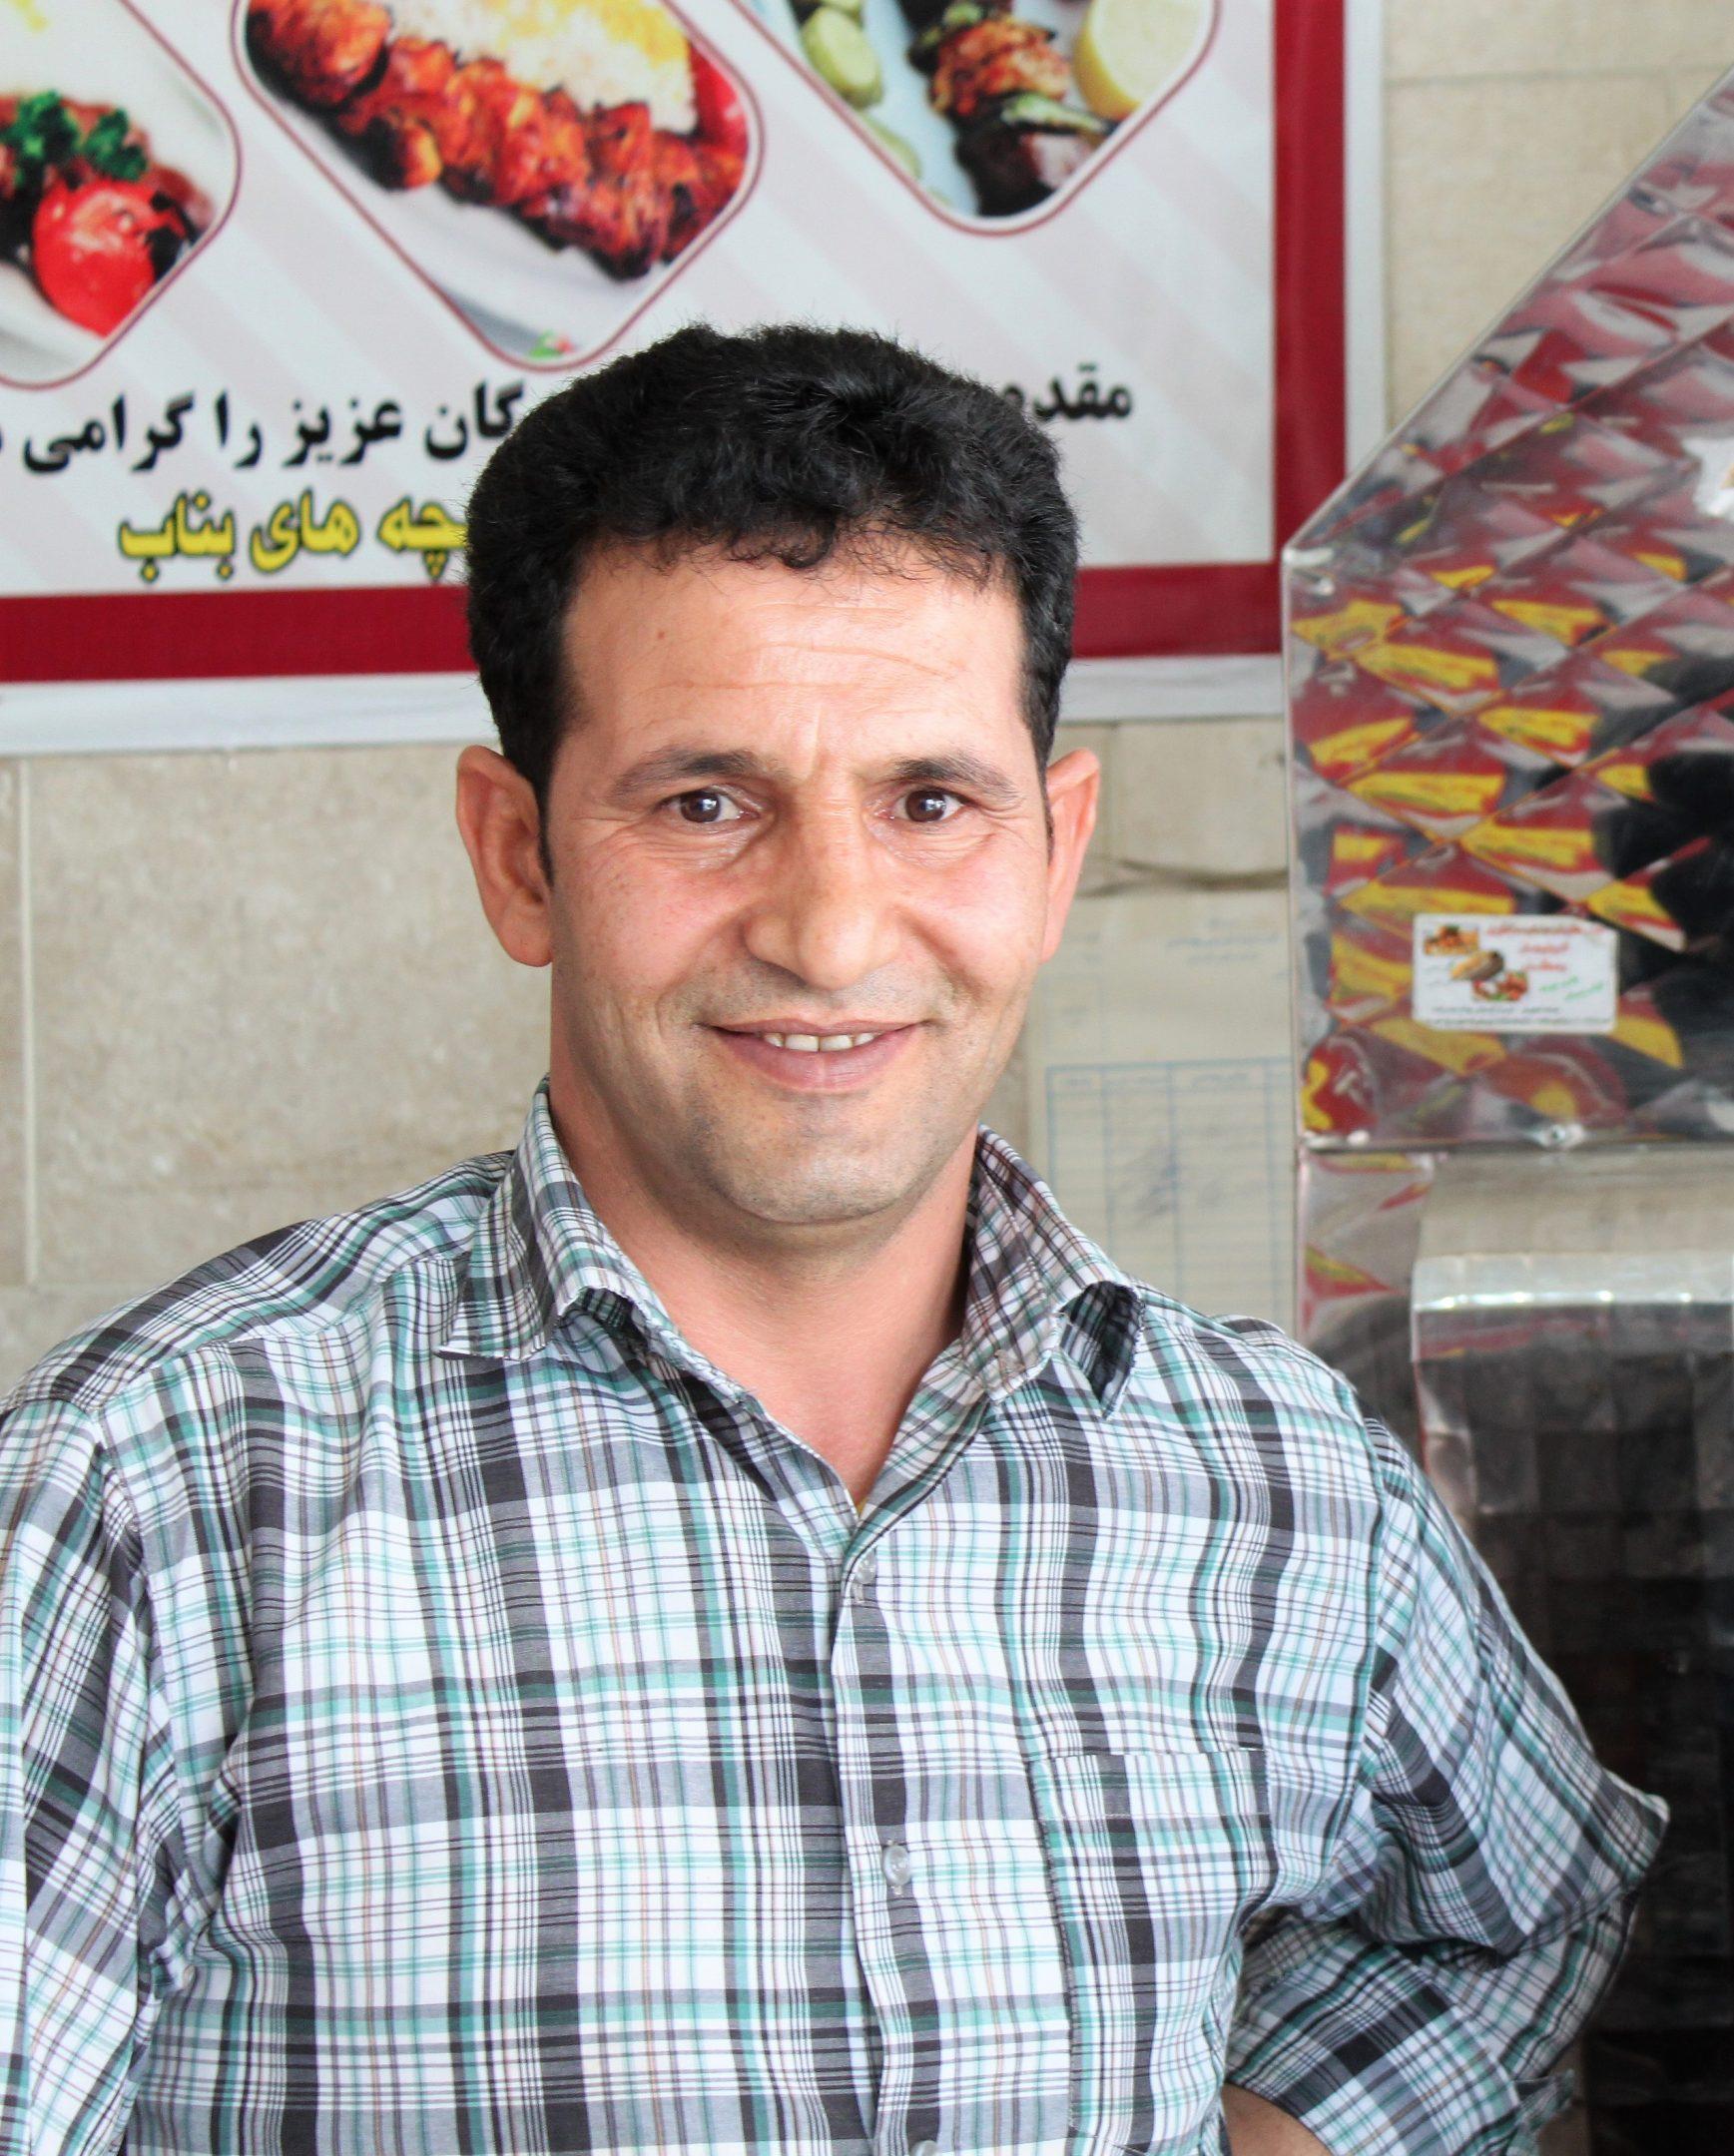 kebab man